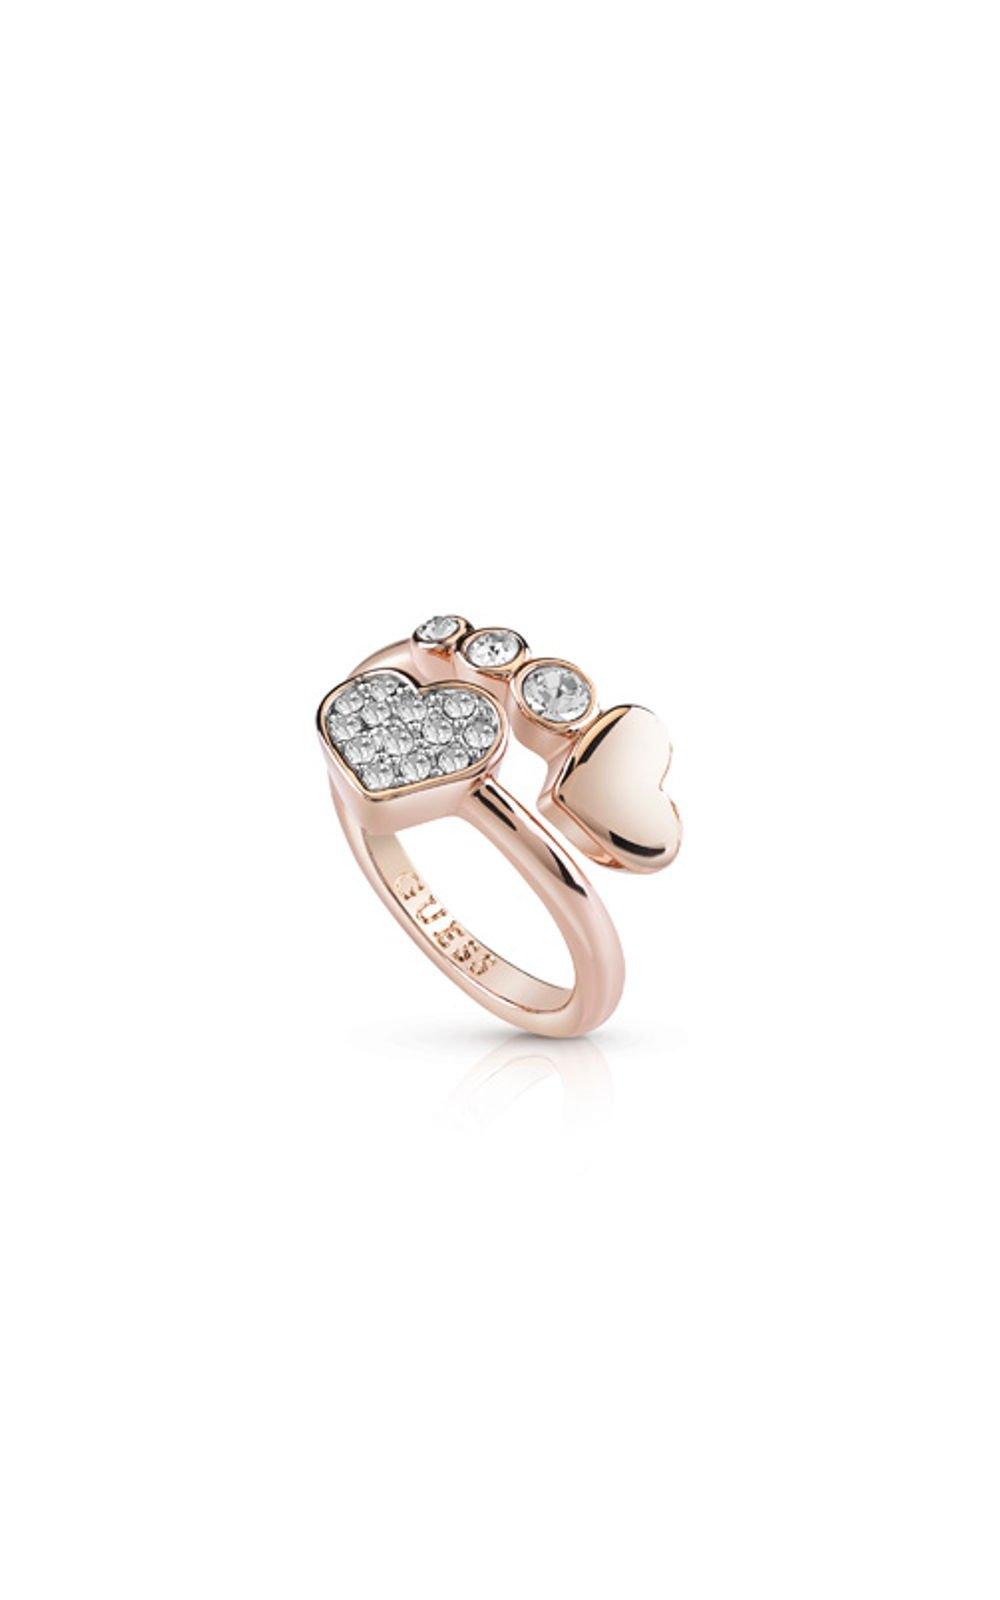 GUESS FAUX UBR84054-54 Ροζ Χρυσό Δαχτυλίδι Με Καρδιές